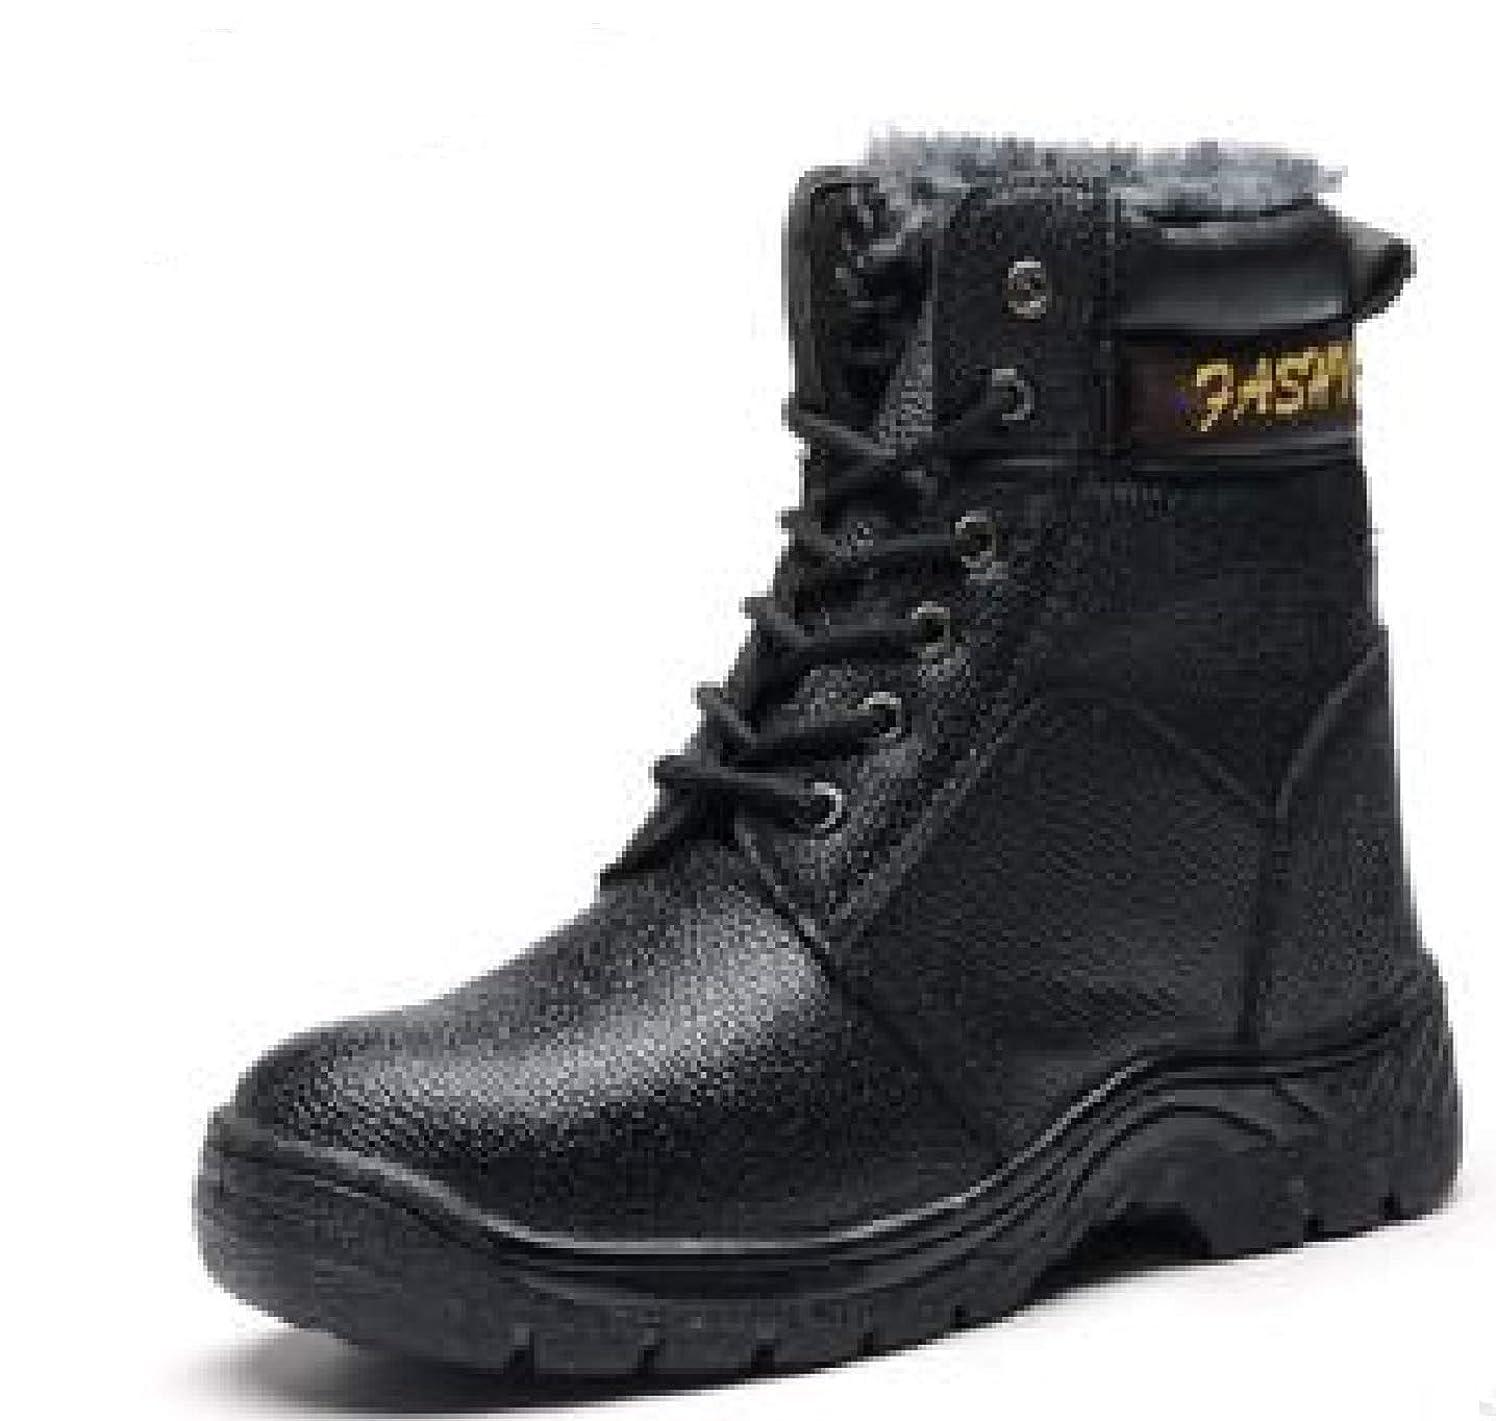 電気的自殺一生防寒 安全靴 鉄入り 釘踏み抜き防止 耐油 防滑 ブーツ ミリタリー 作業靴 黒 ボア入り 防寒靴